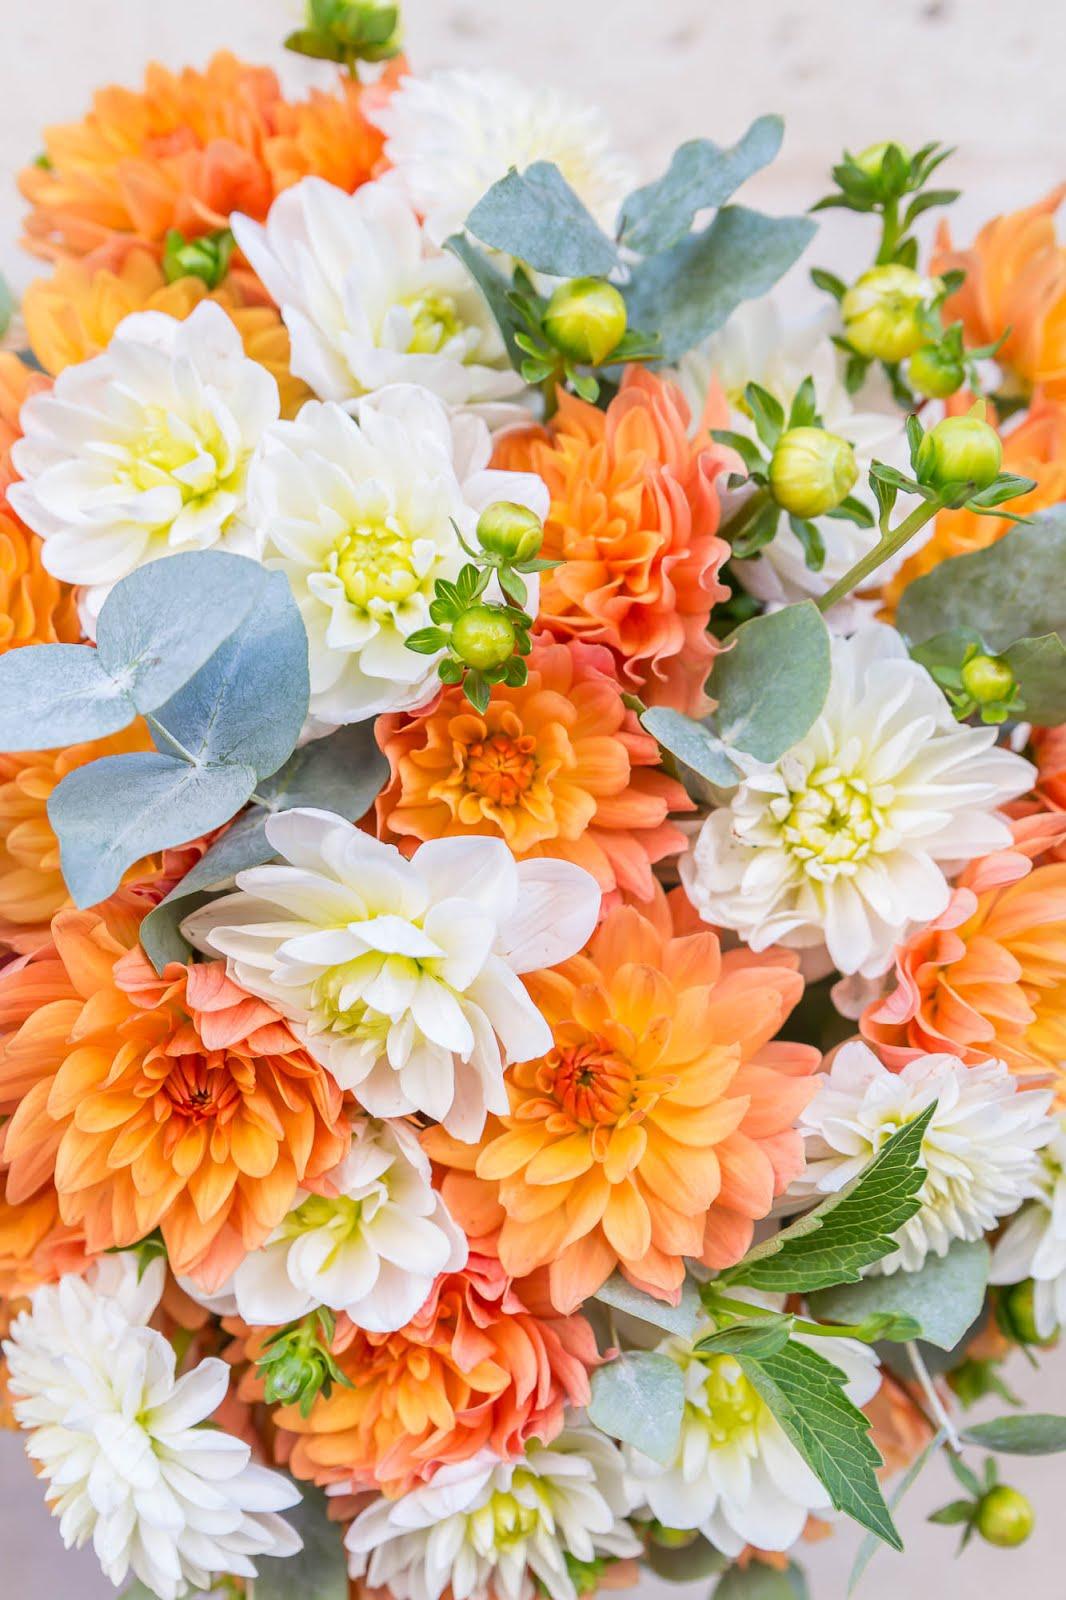 Dahlia oranges